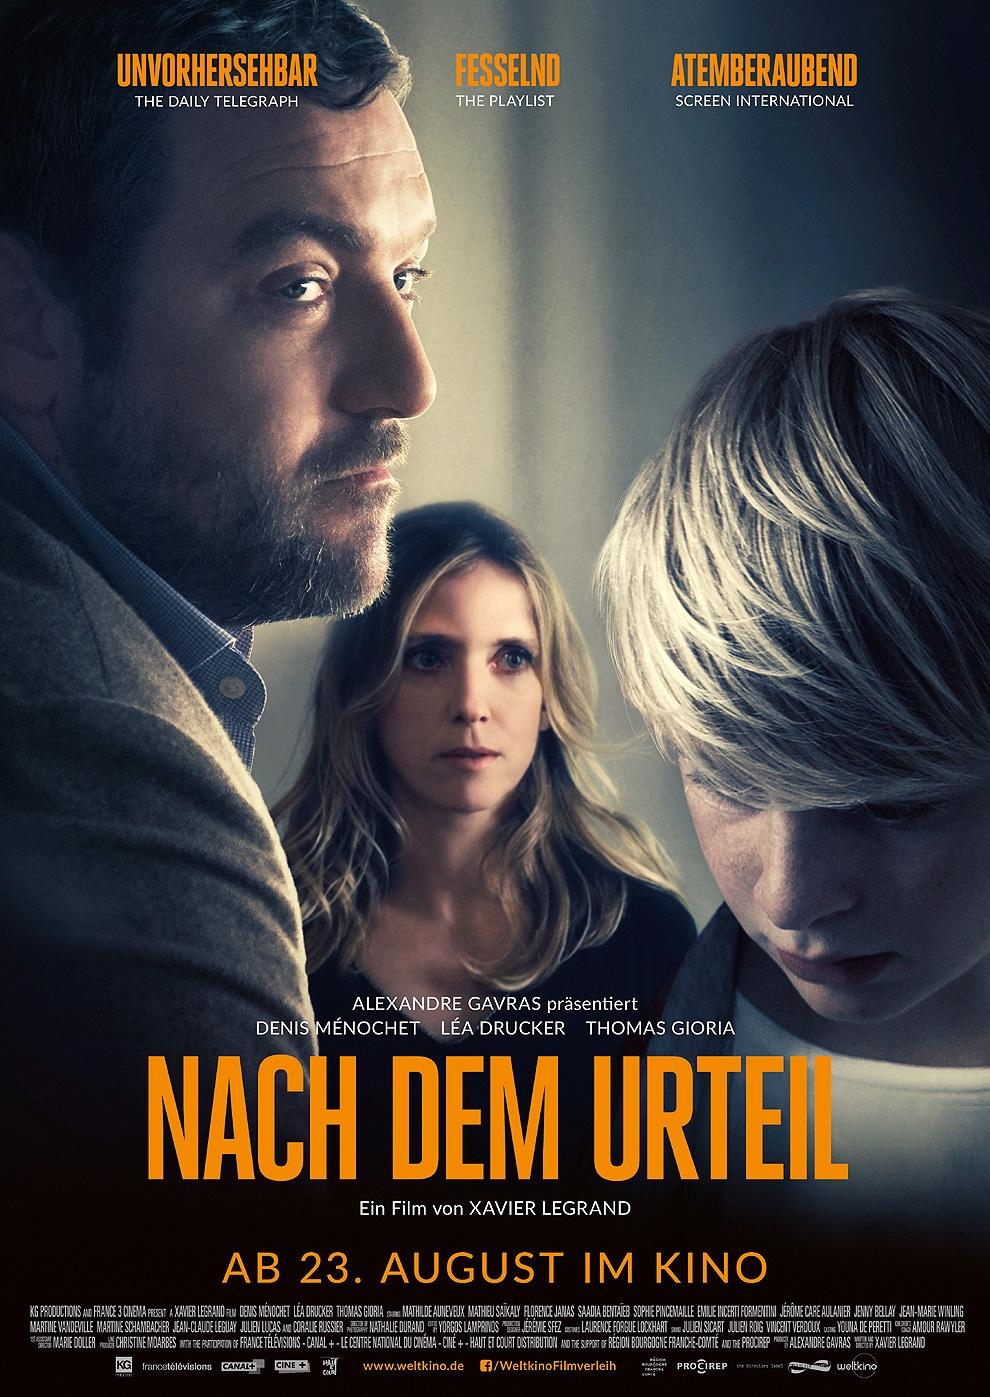 Nach dem Urteil (Poster)